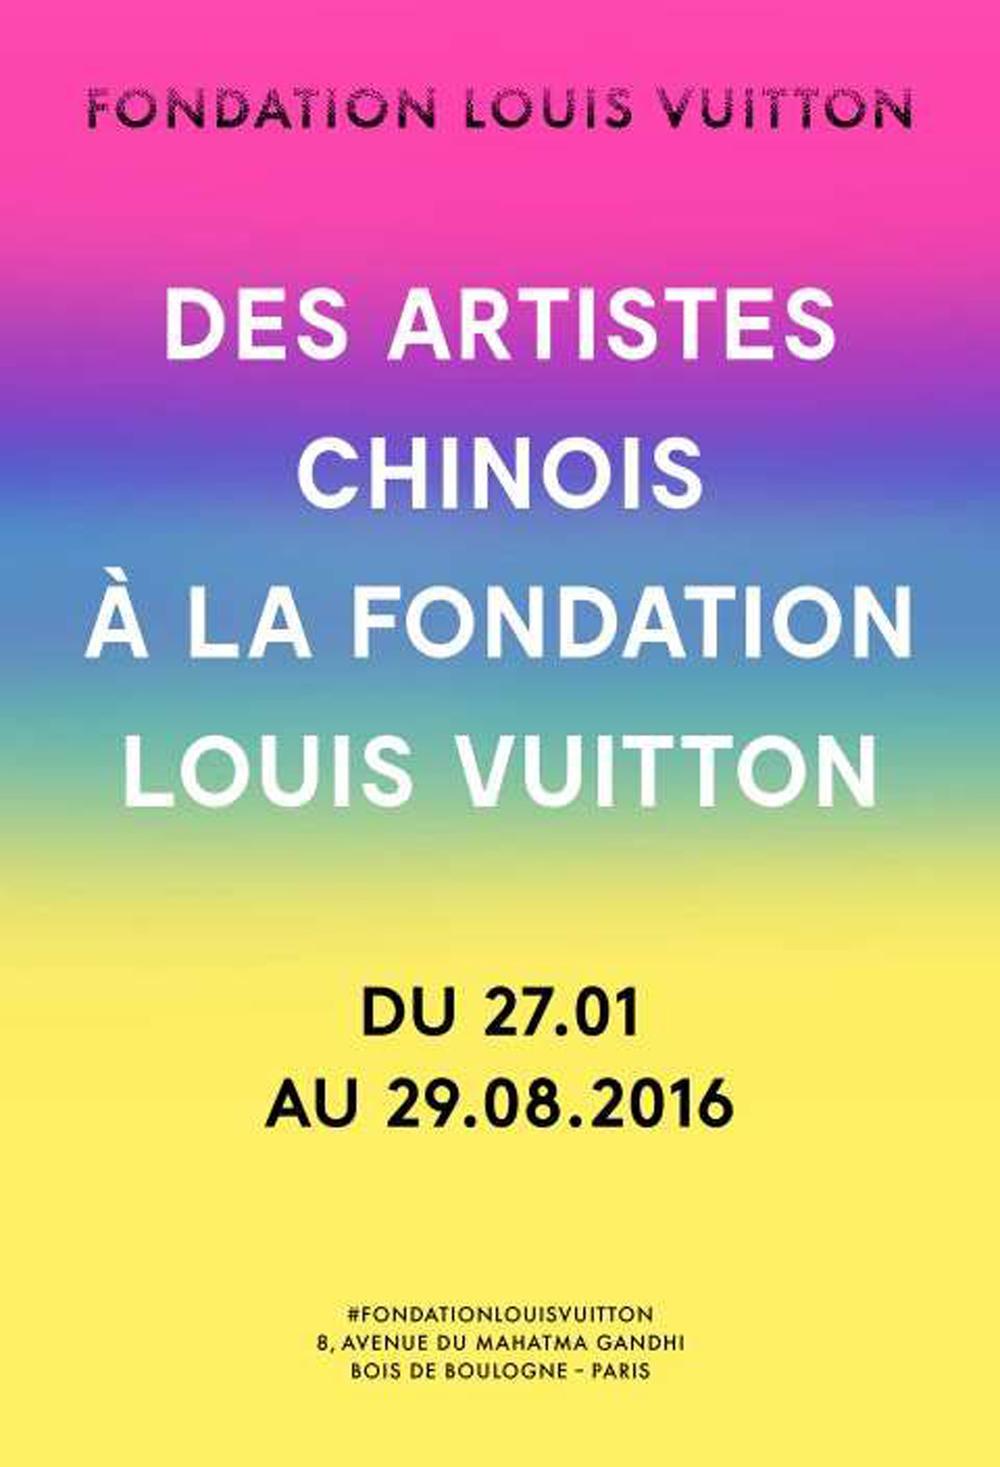 FondationLouisVuitton-affiche.jpg